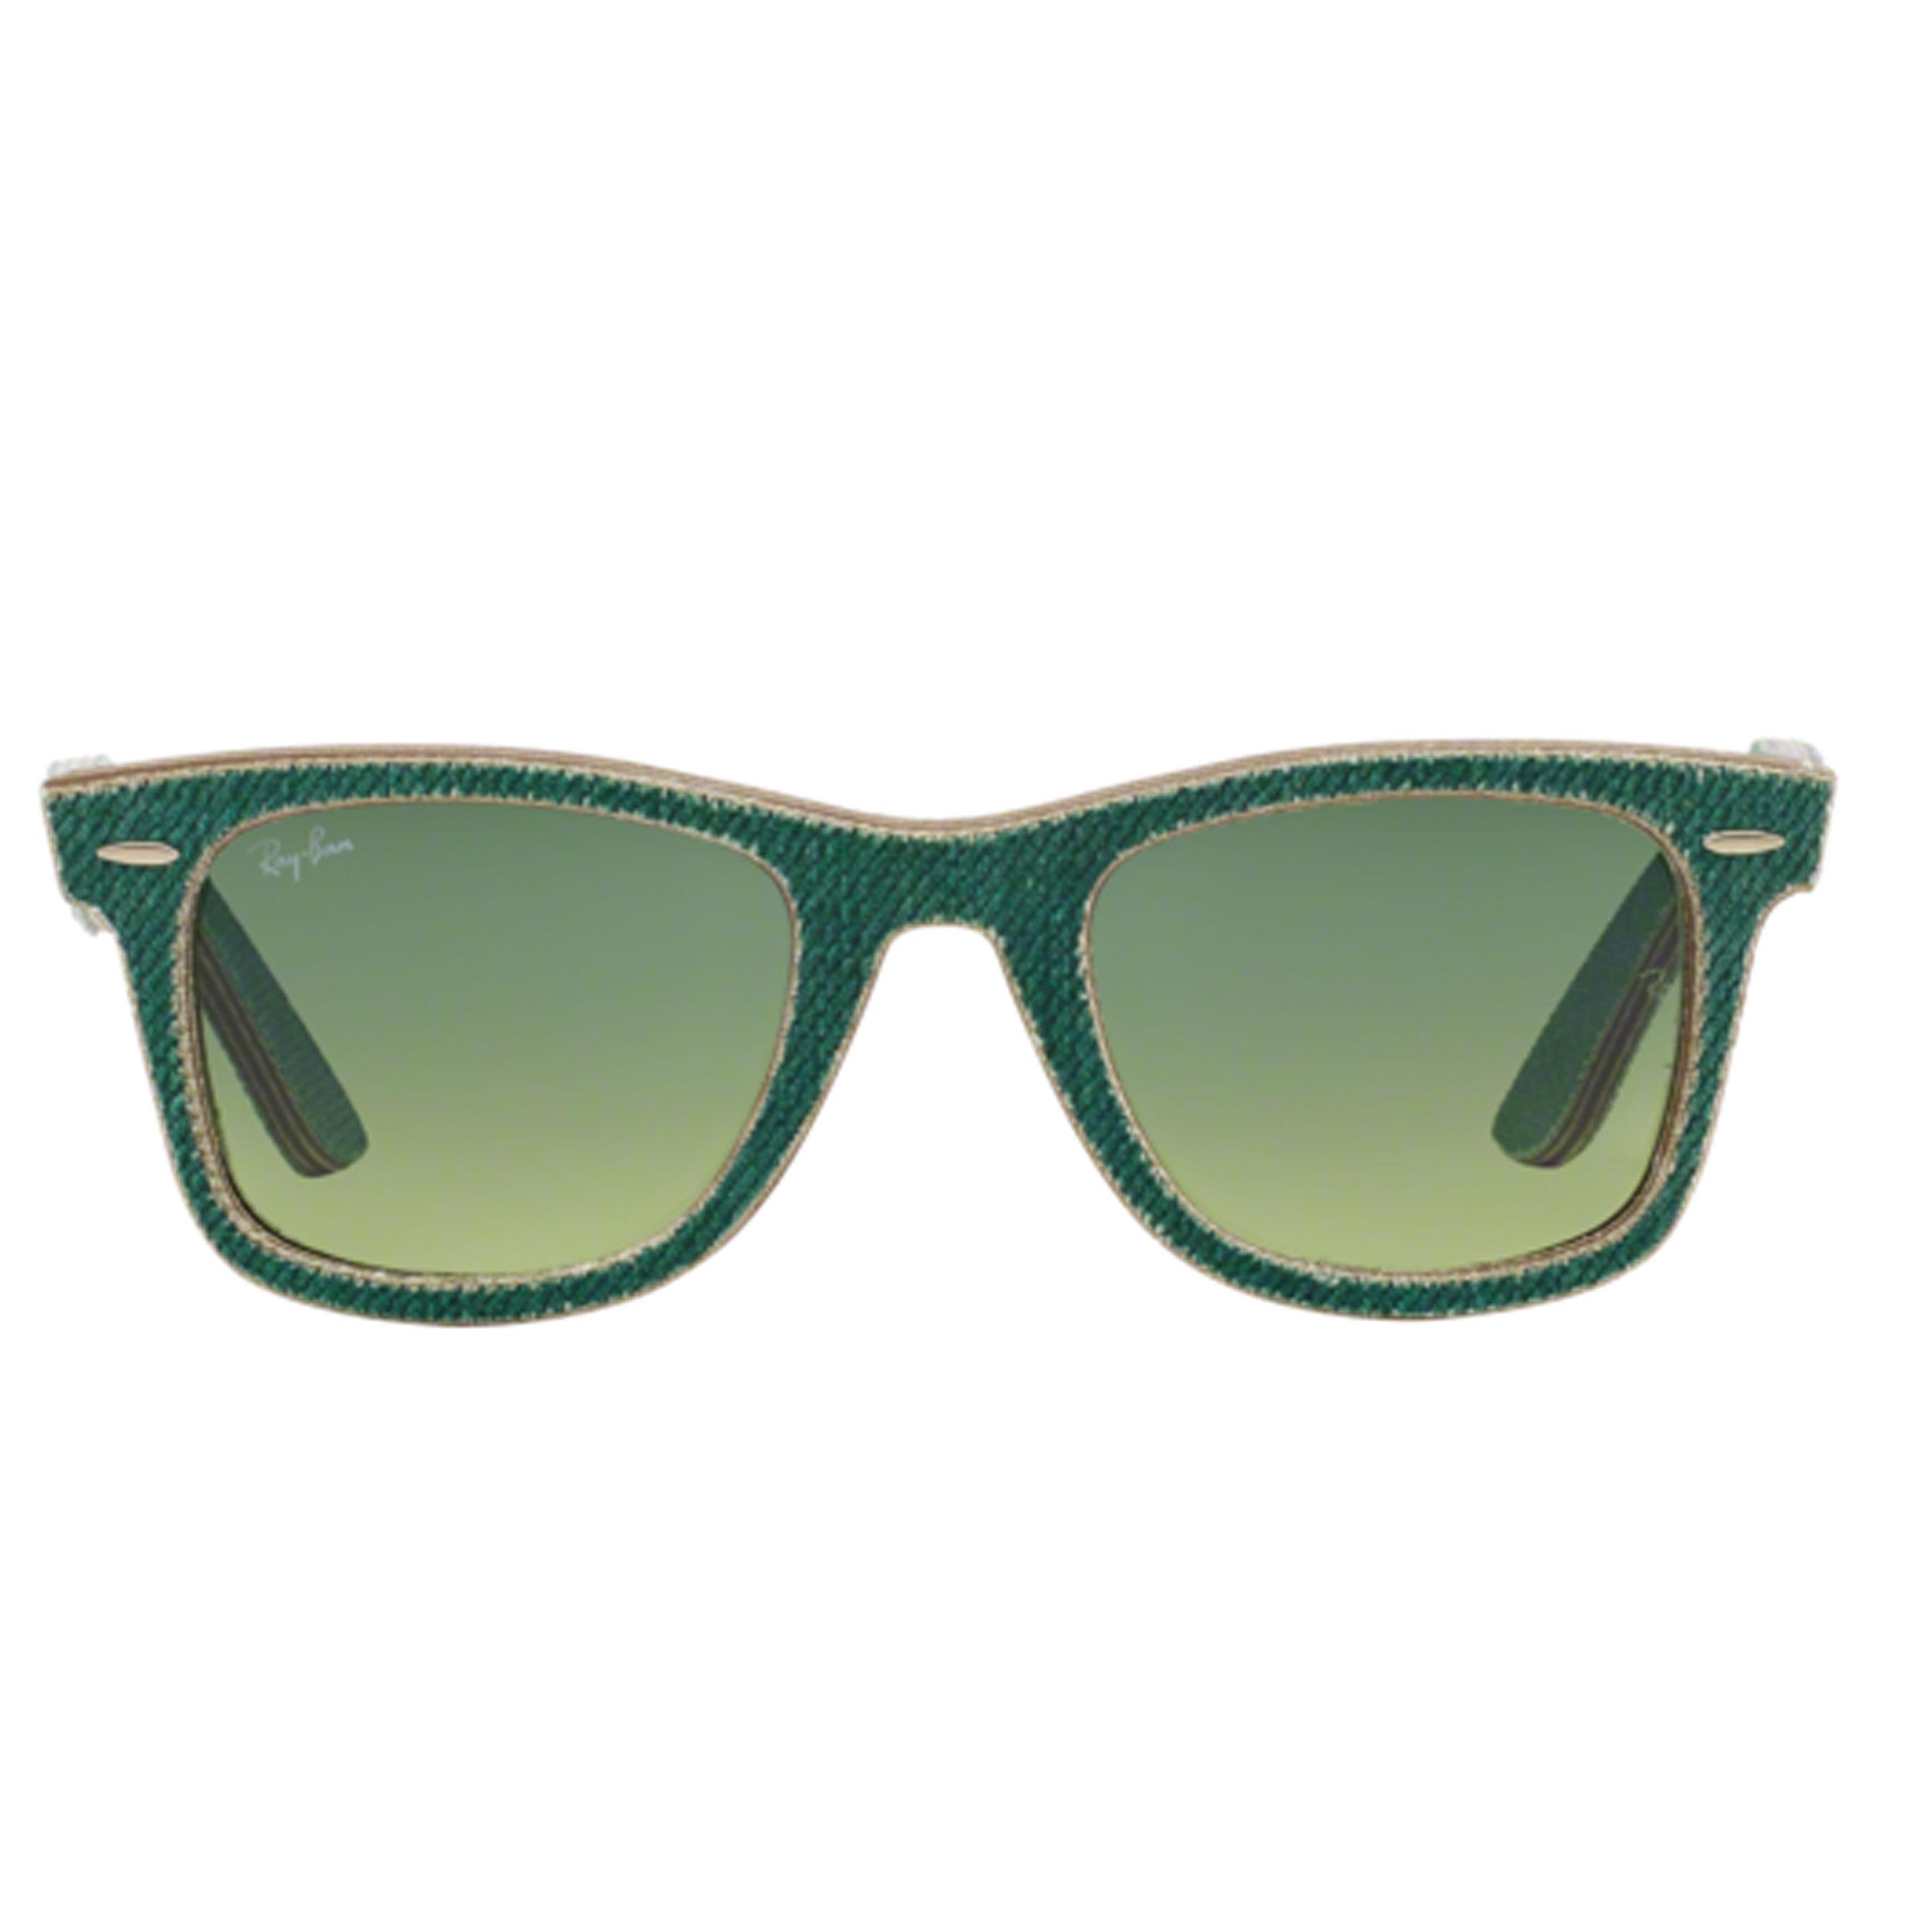 عینک آفتابی ری بن مدل 2140S 11663M 50